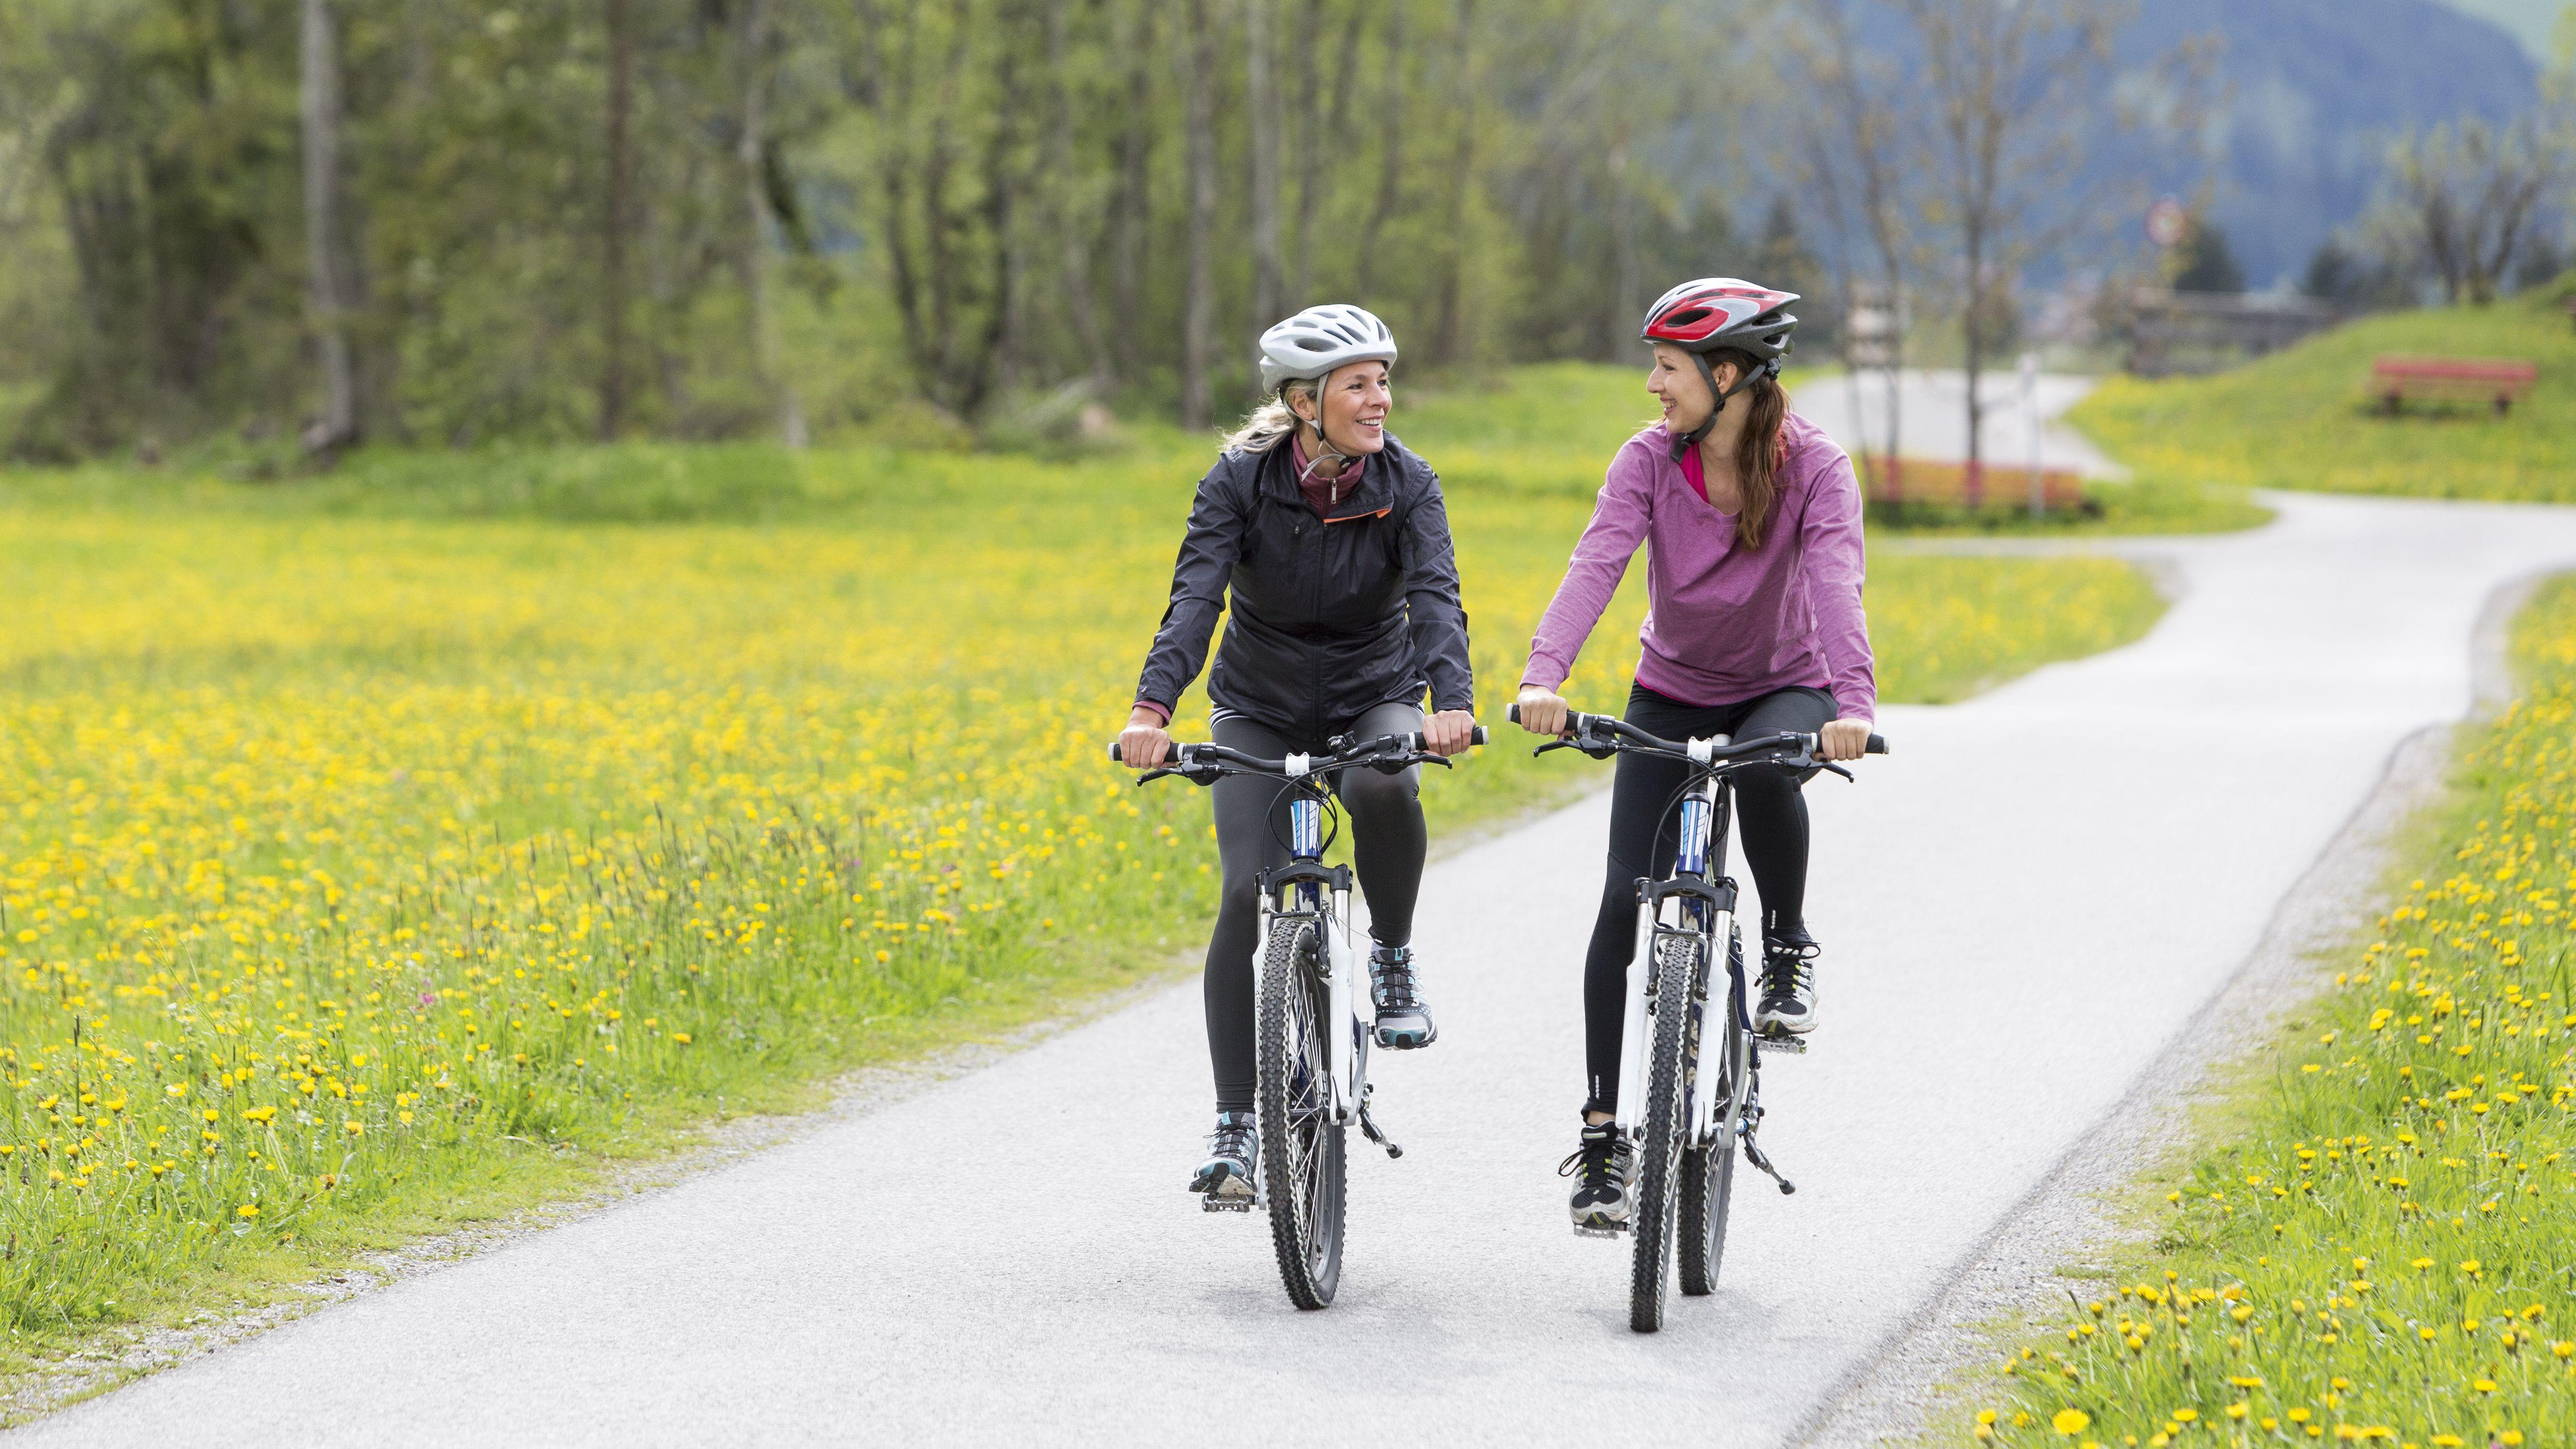 Zwei Frauen beim Fahrrad fahren